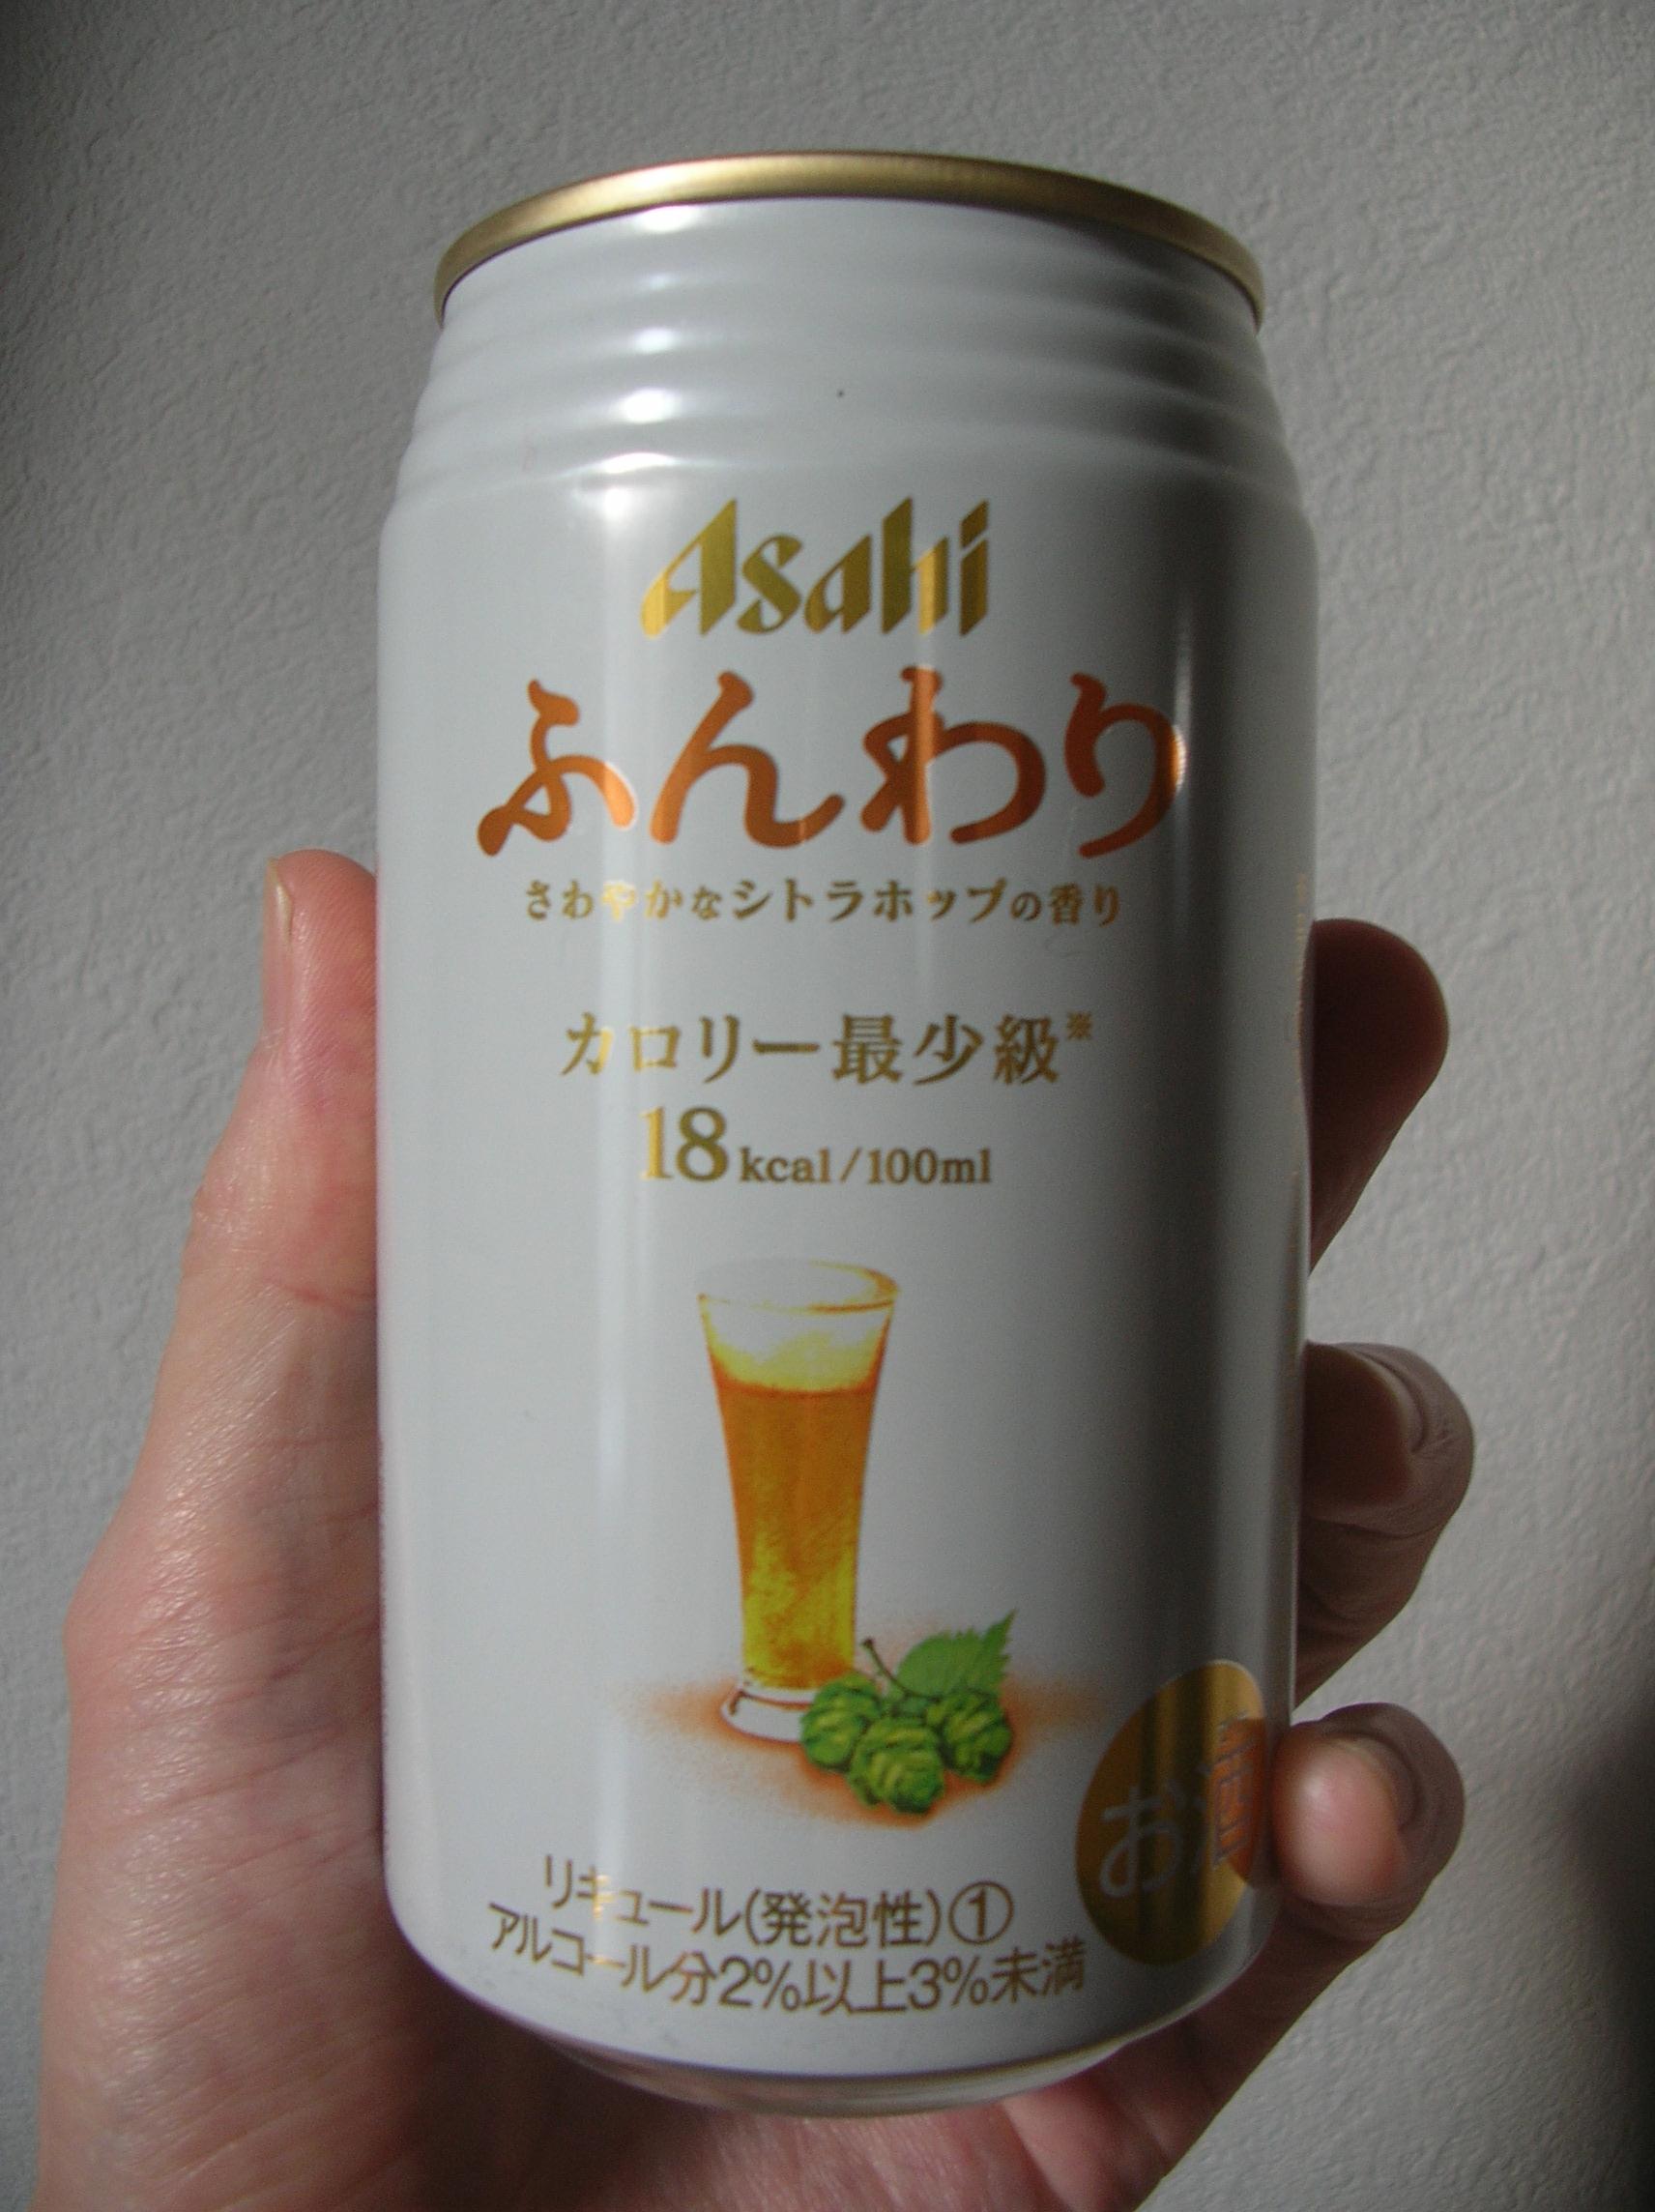 第3のビール「アサヒふんわり」